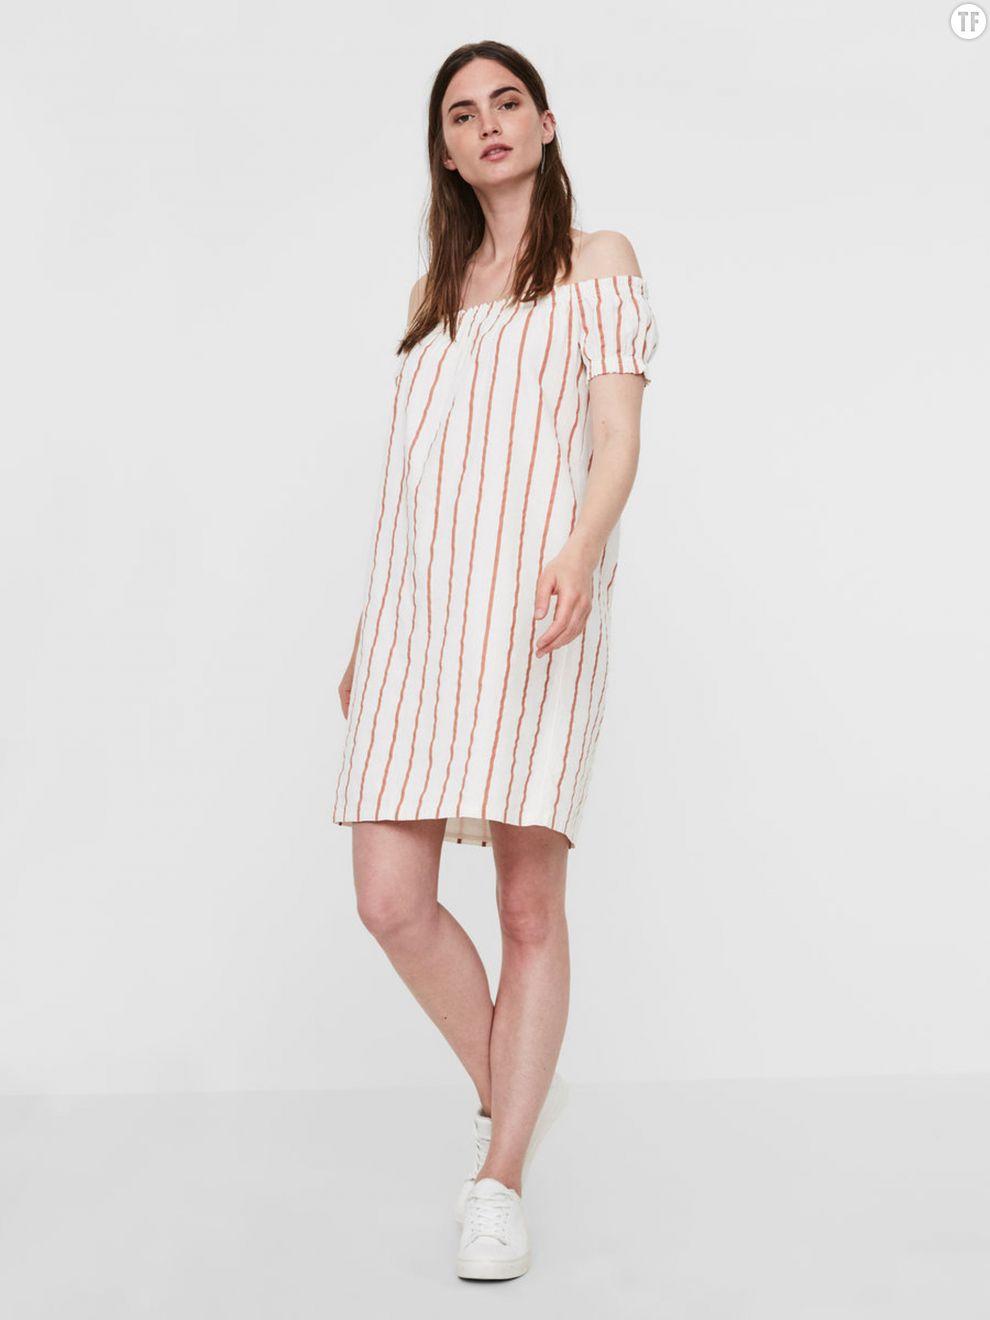 Robe épaules dénudées Vero Moda, 29,99€